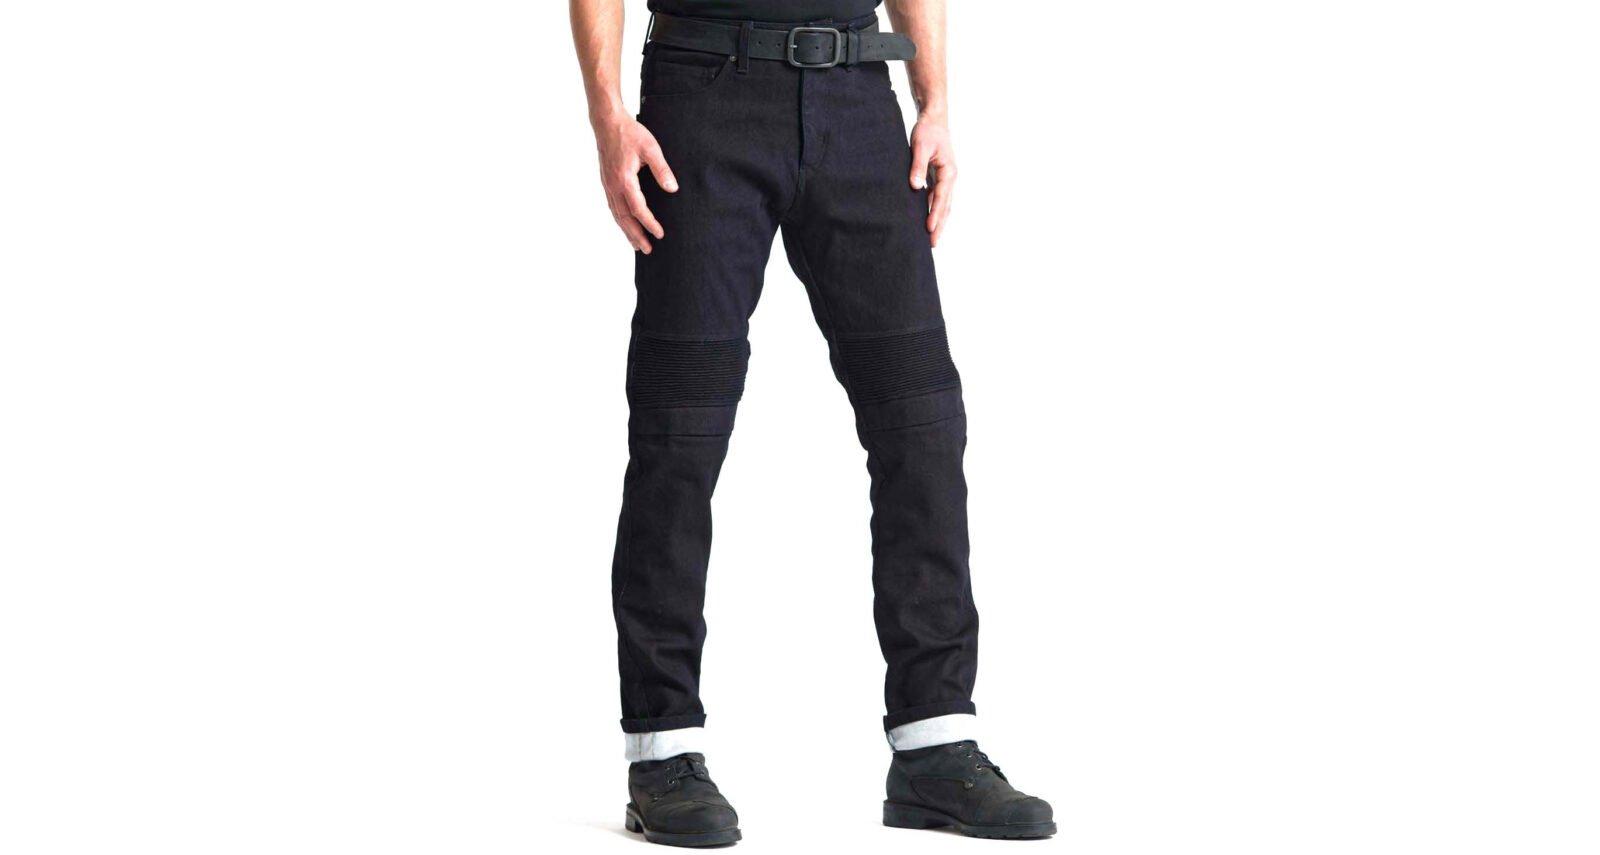 Pando Moto Karl Steel Black Dyneema® Motorcycle Jeans - 15 Times Stronger Than Steel